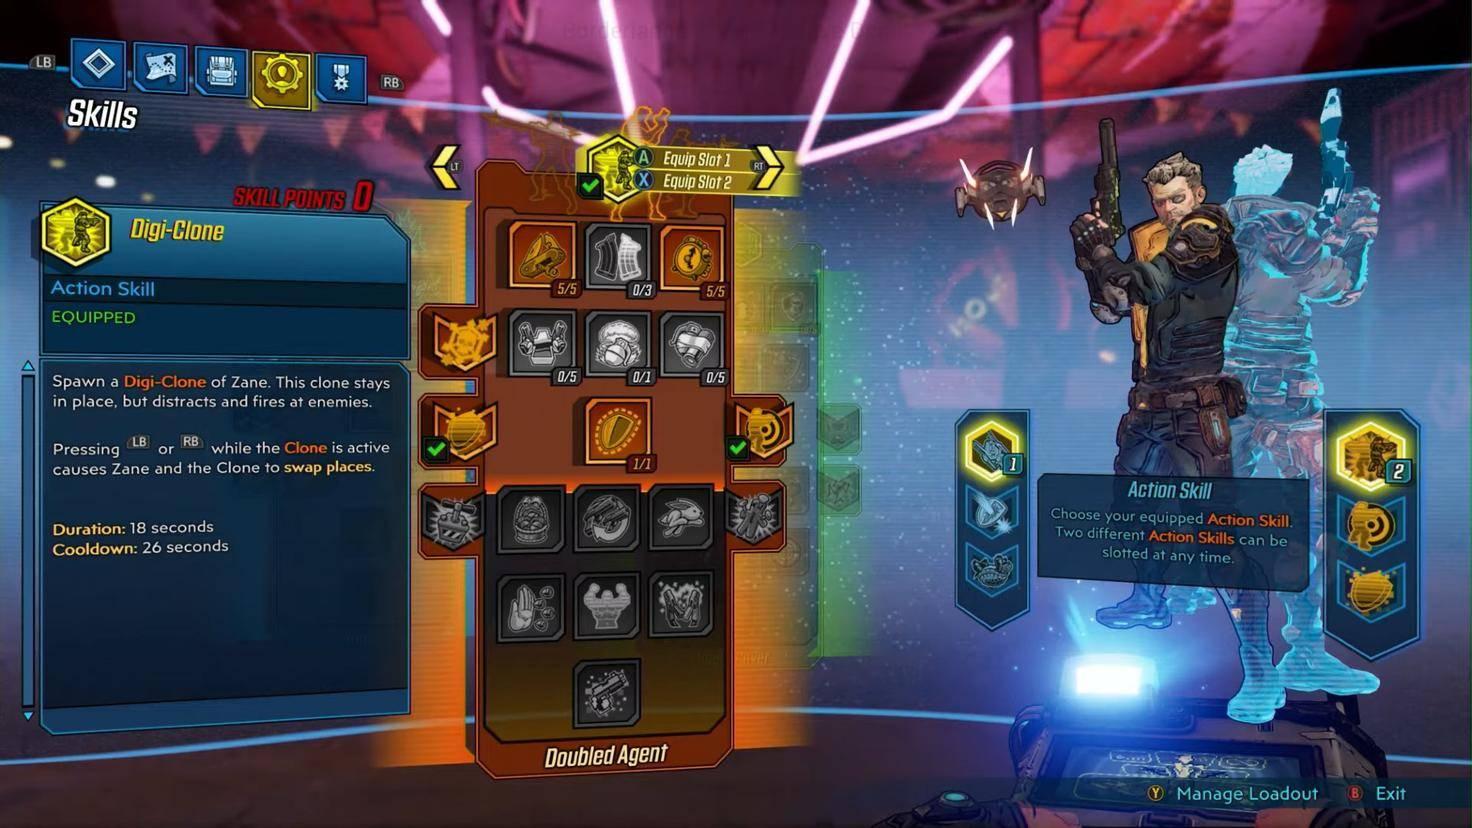 borderlands-3-skilltree-screenshot